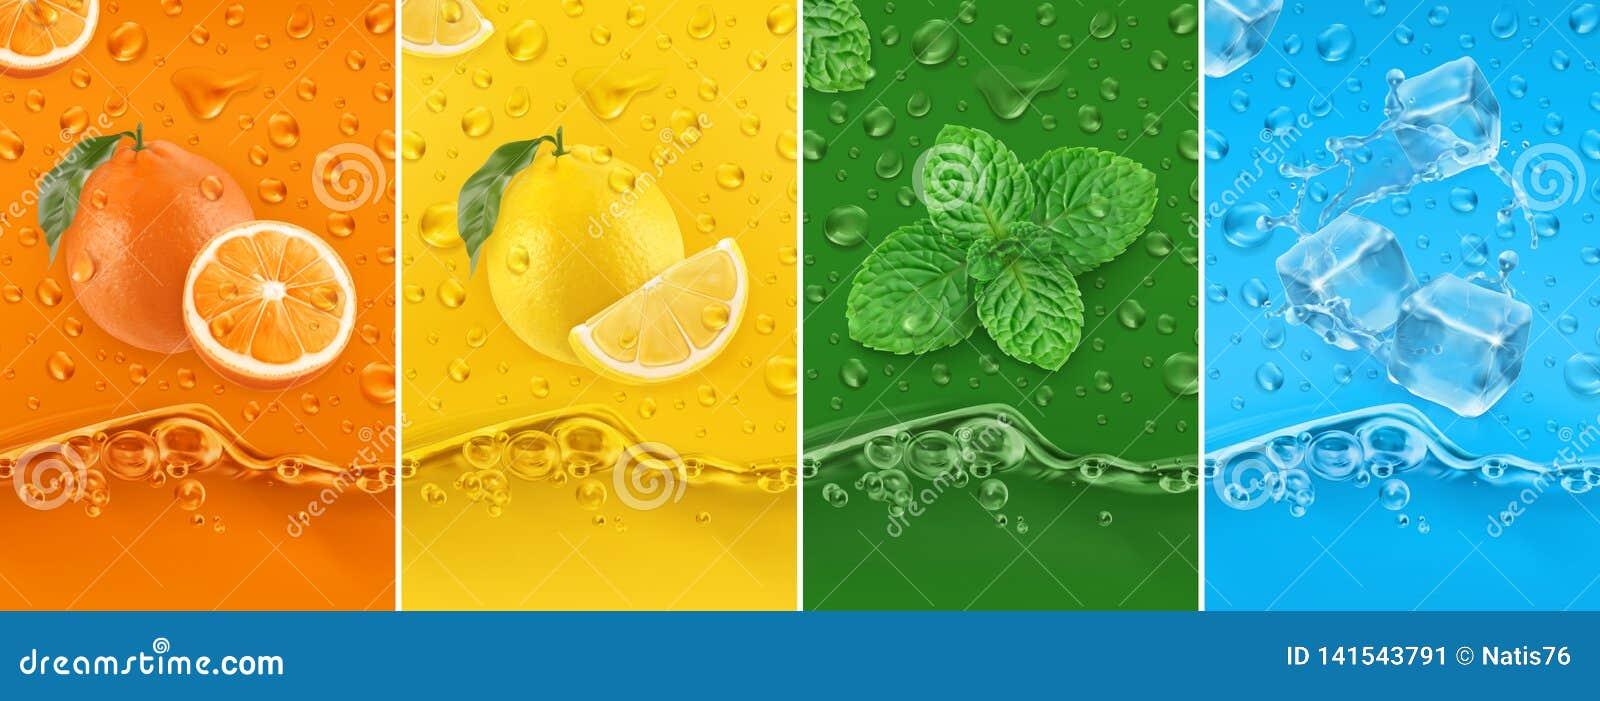 Fruto suculento e fresco Laranja, limão, hortelã, água de gelo Gotas e respingo de orvalho grupo do vetor 3d 50mb de alta qualida